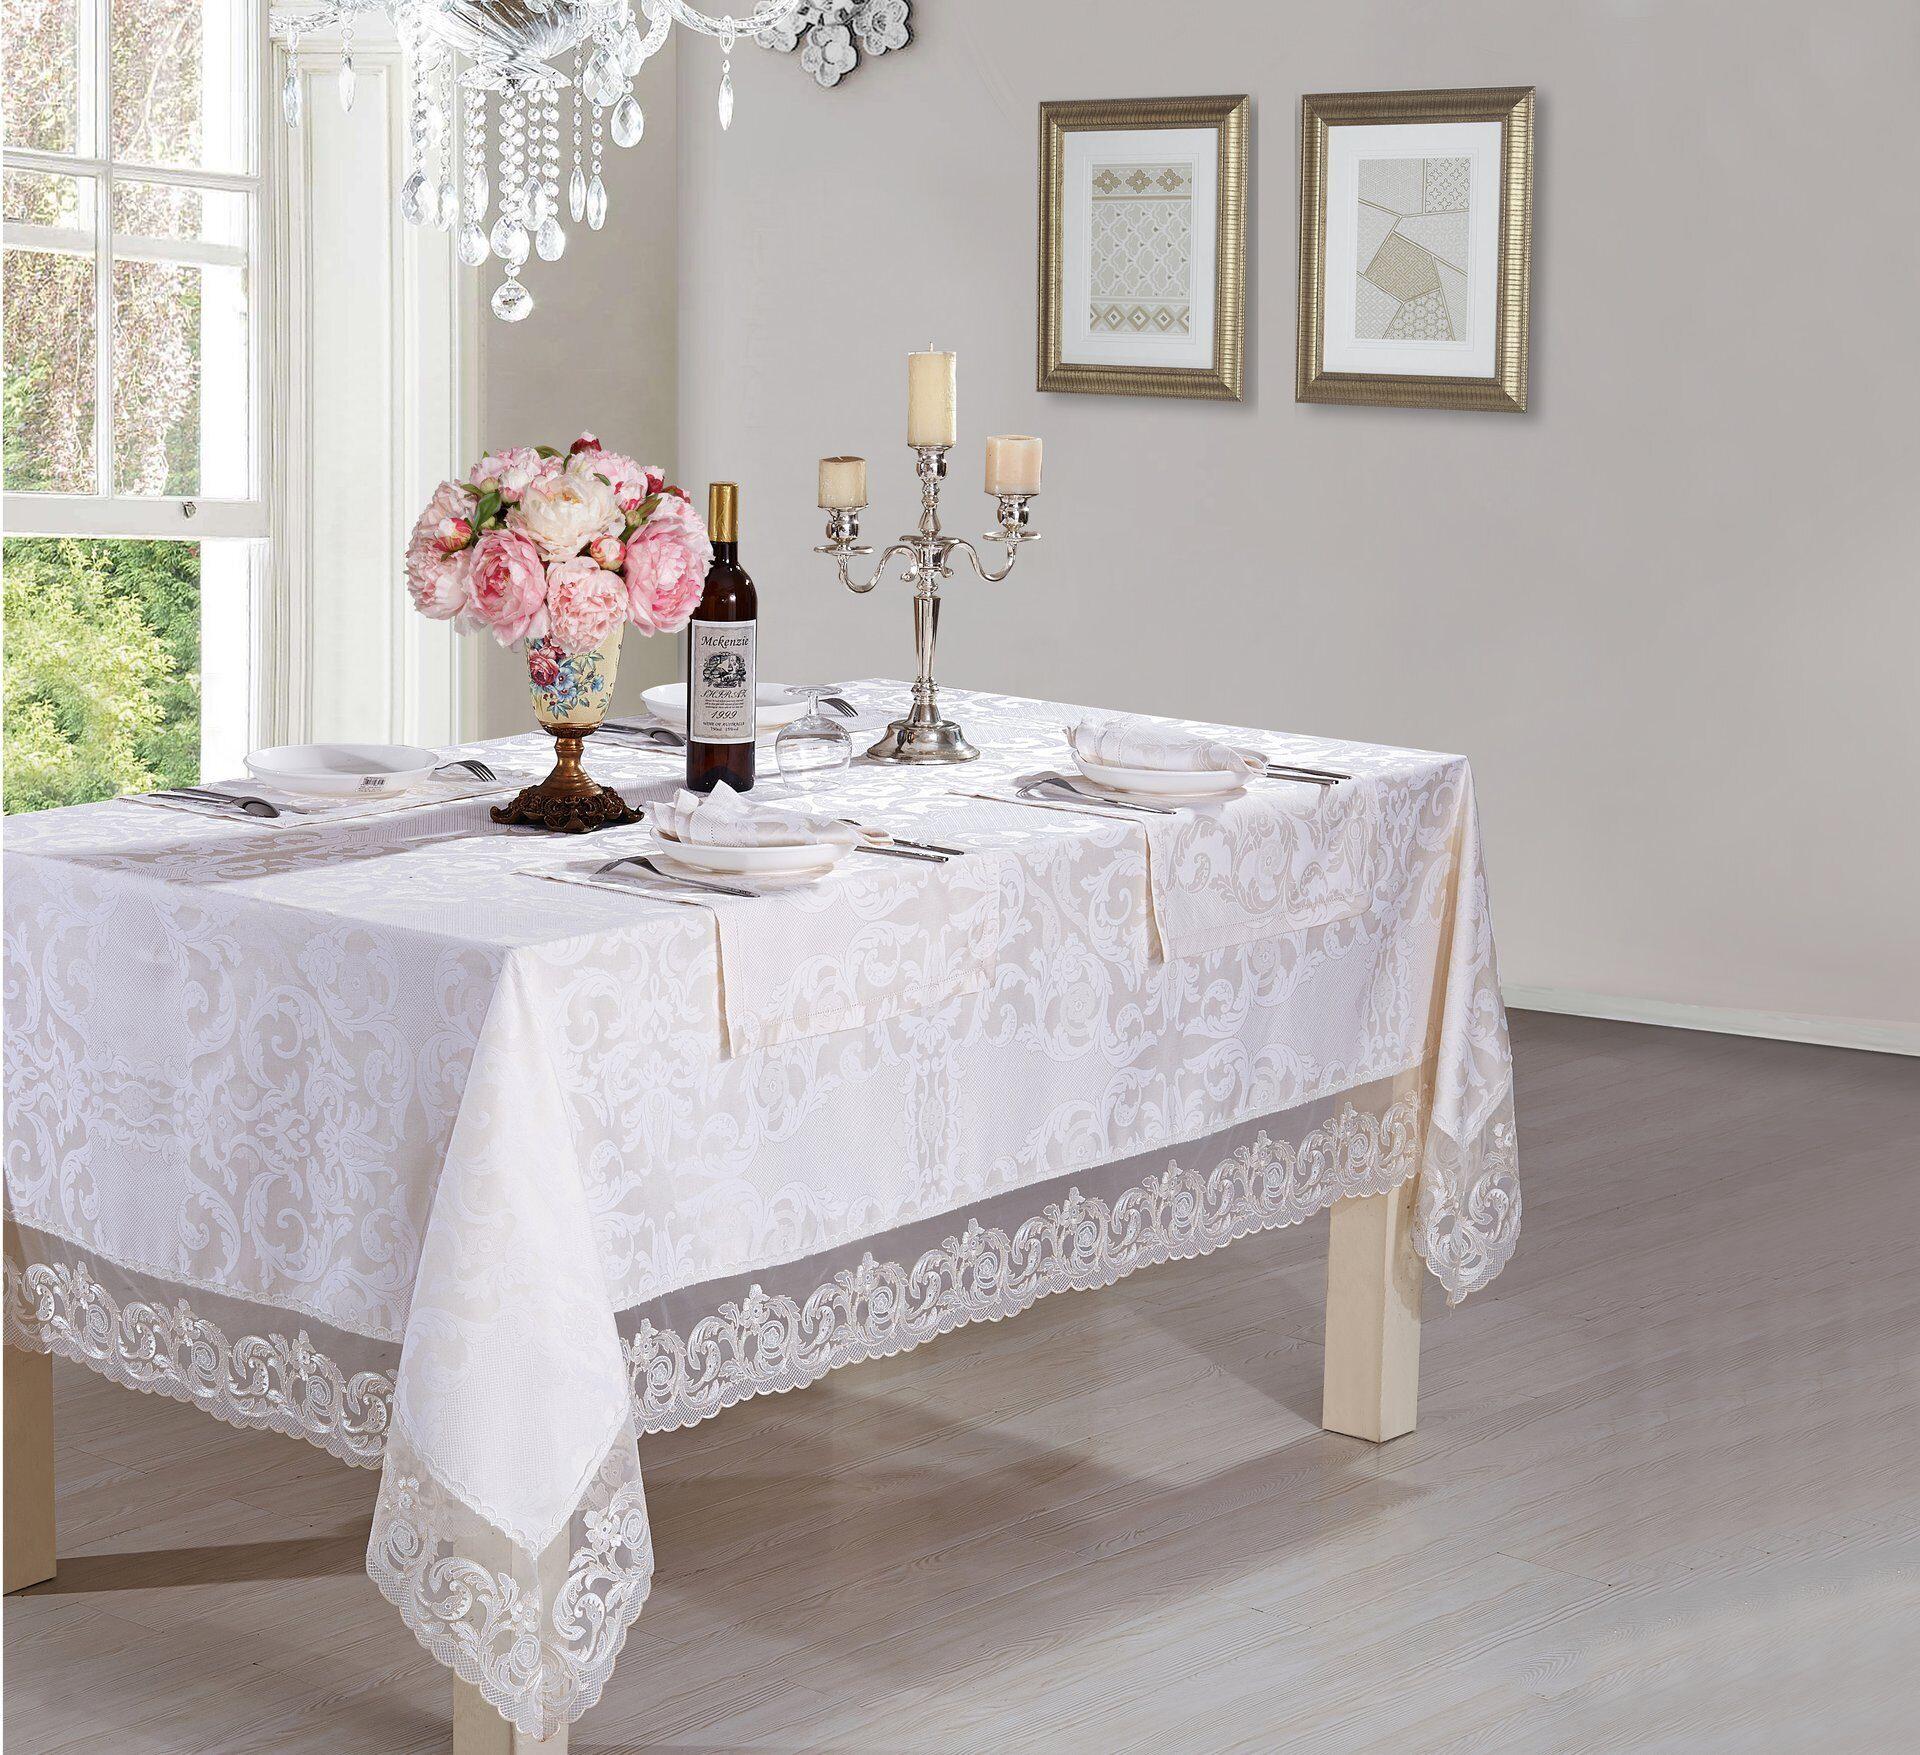 тот посошок-перышко красивые скатерти на стол фото никогда была